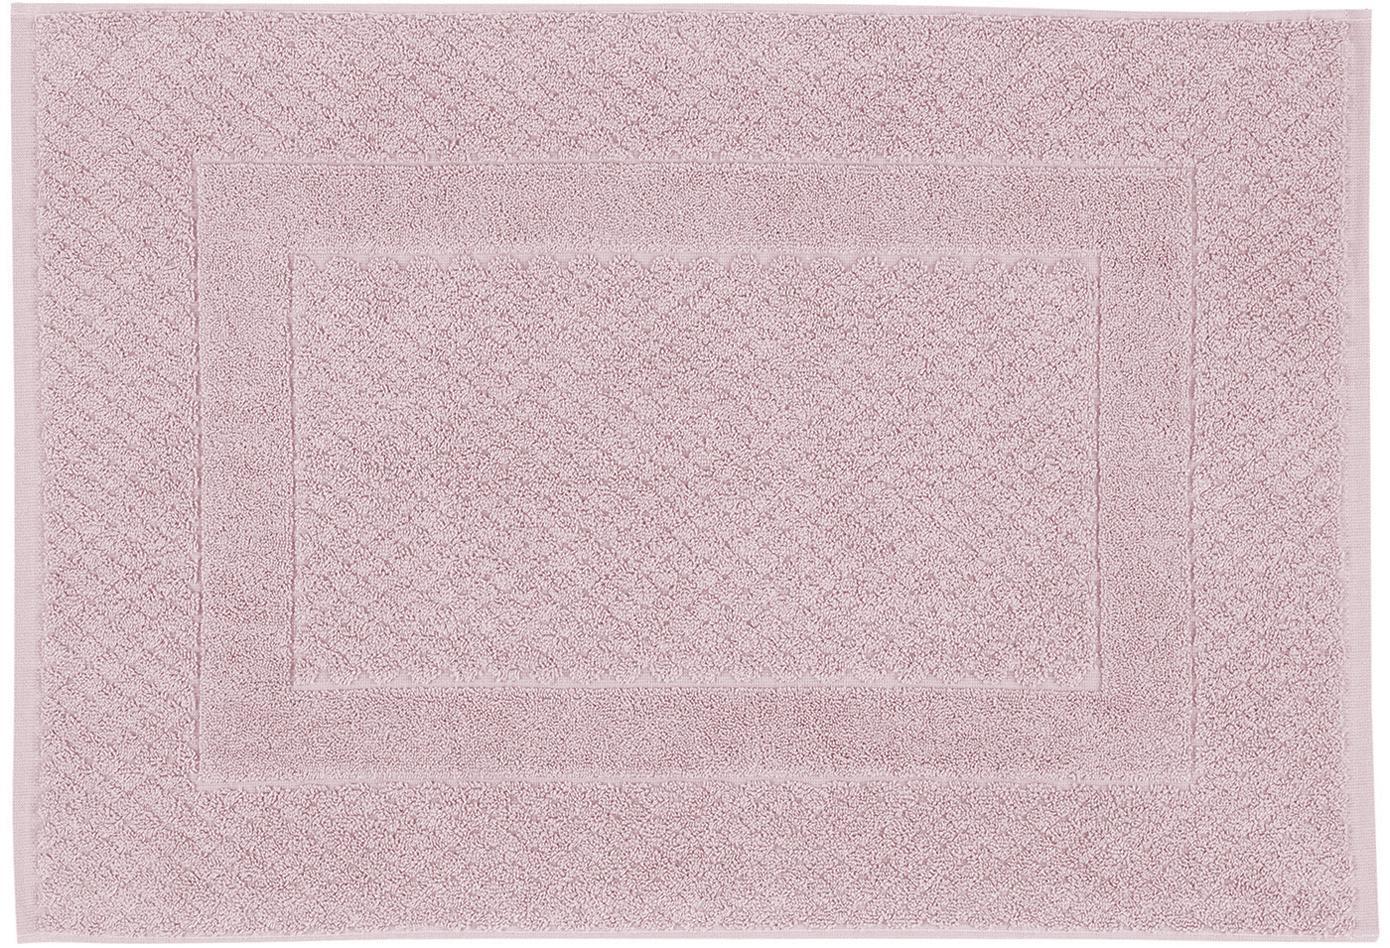 Badmat Katharina, 100% katoen, zware kwaliteit, 900 g/m², Oudroze, 50 x 70 cm